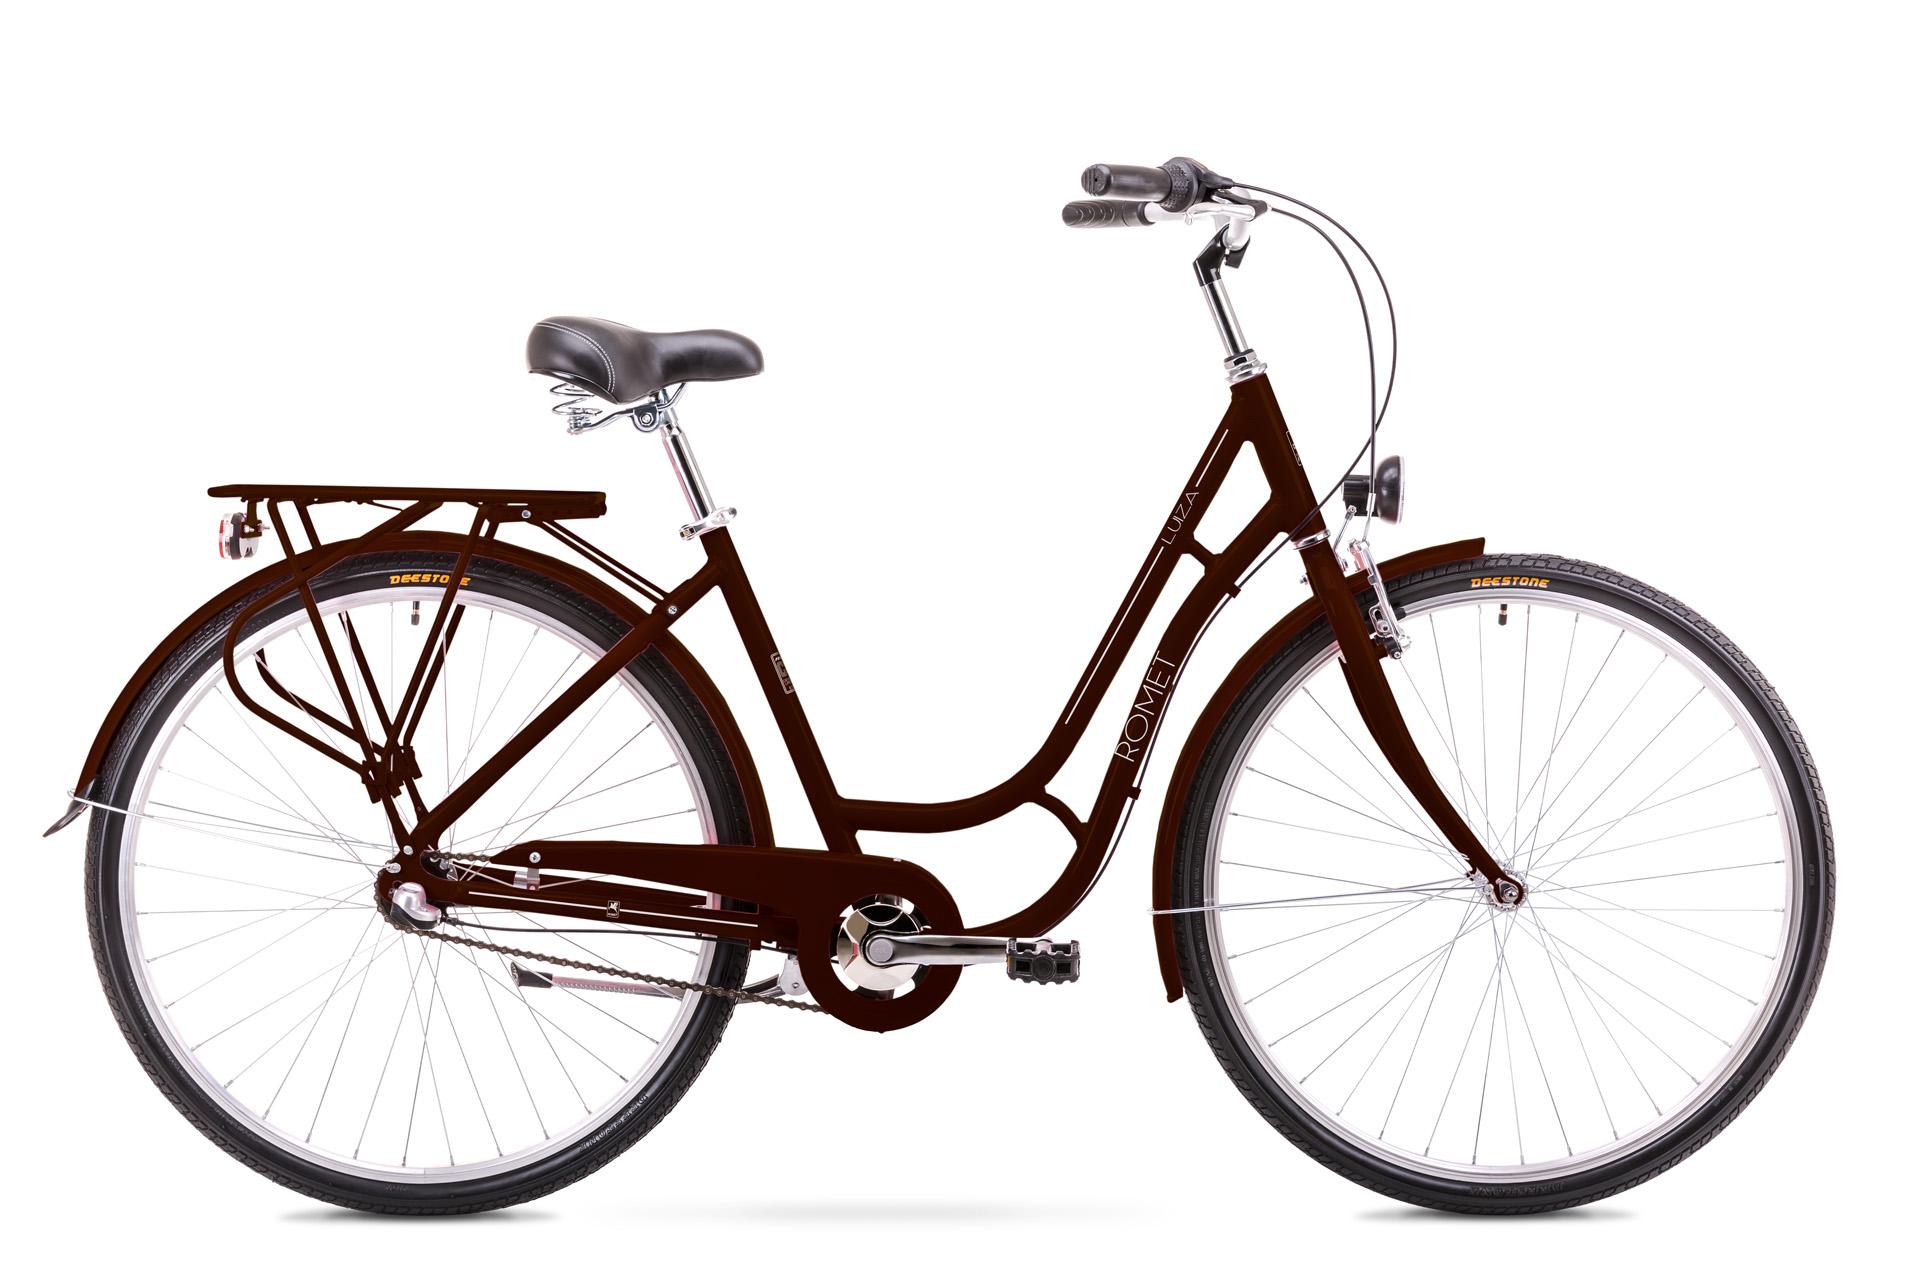 Bicicleta de oras pentru Femei Romet Luiza 3S Maro 2019 imagine